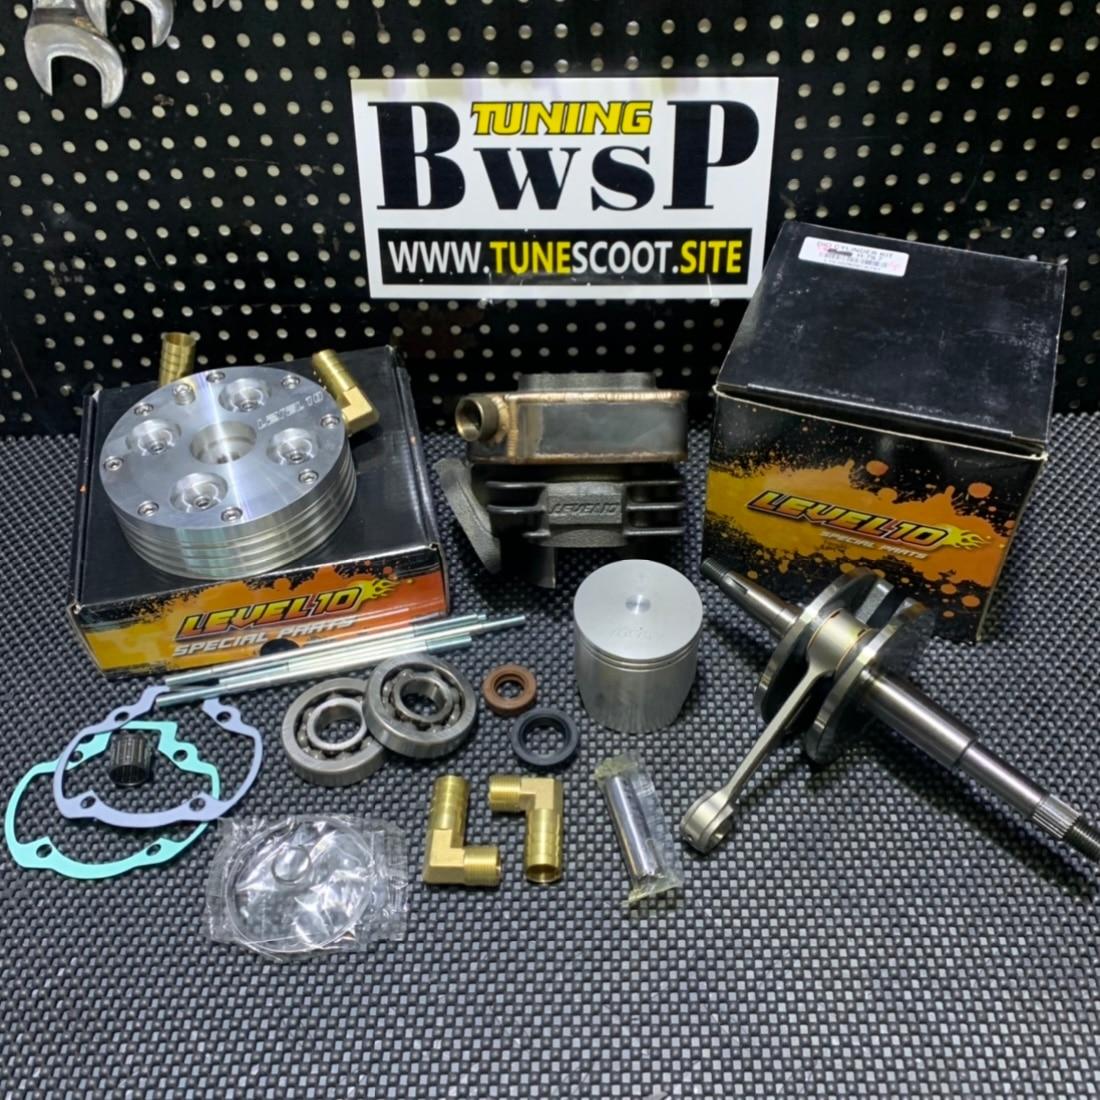 DIO50-gran cilindro de refrigeración por agua, Kit de gran cilindro de 150cc, cilindro de refrigeración por agua, cigüeñal de 58mm, cabezal de 56,6mm, juego de Perfomance BWSP, Tuning Racing Dio 50